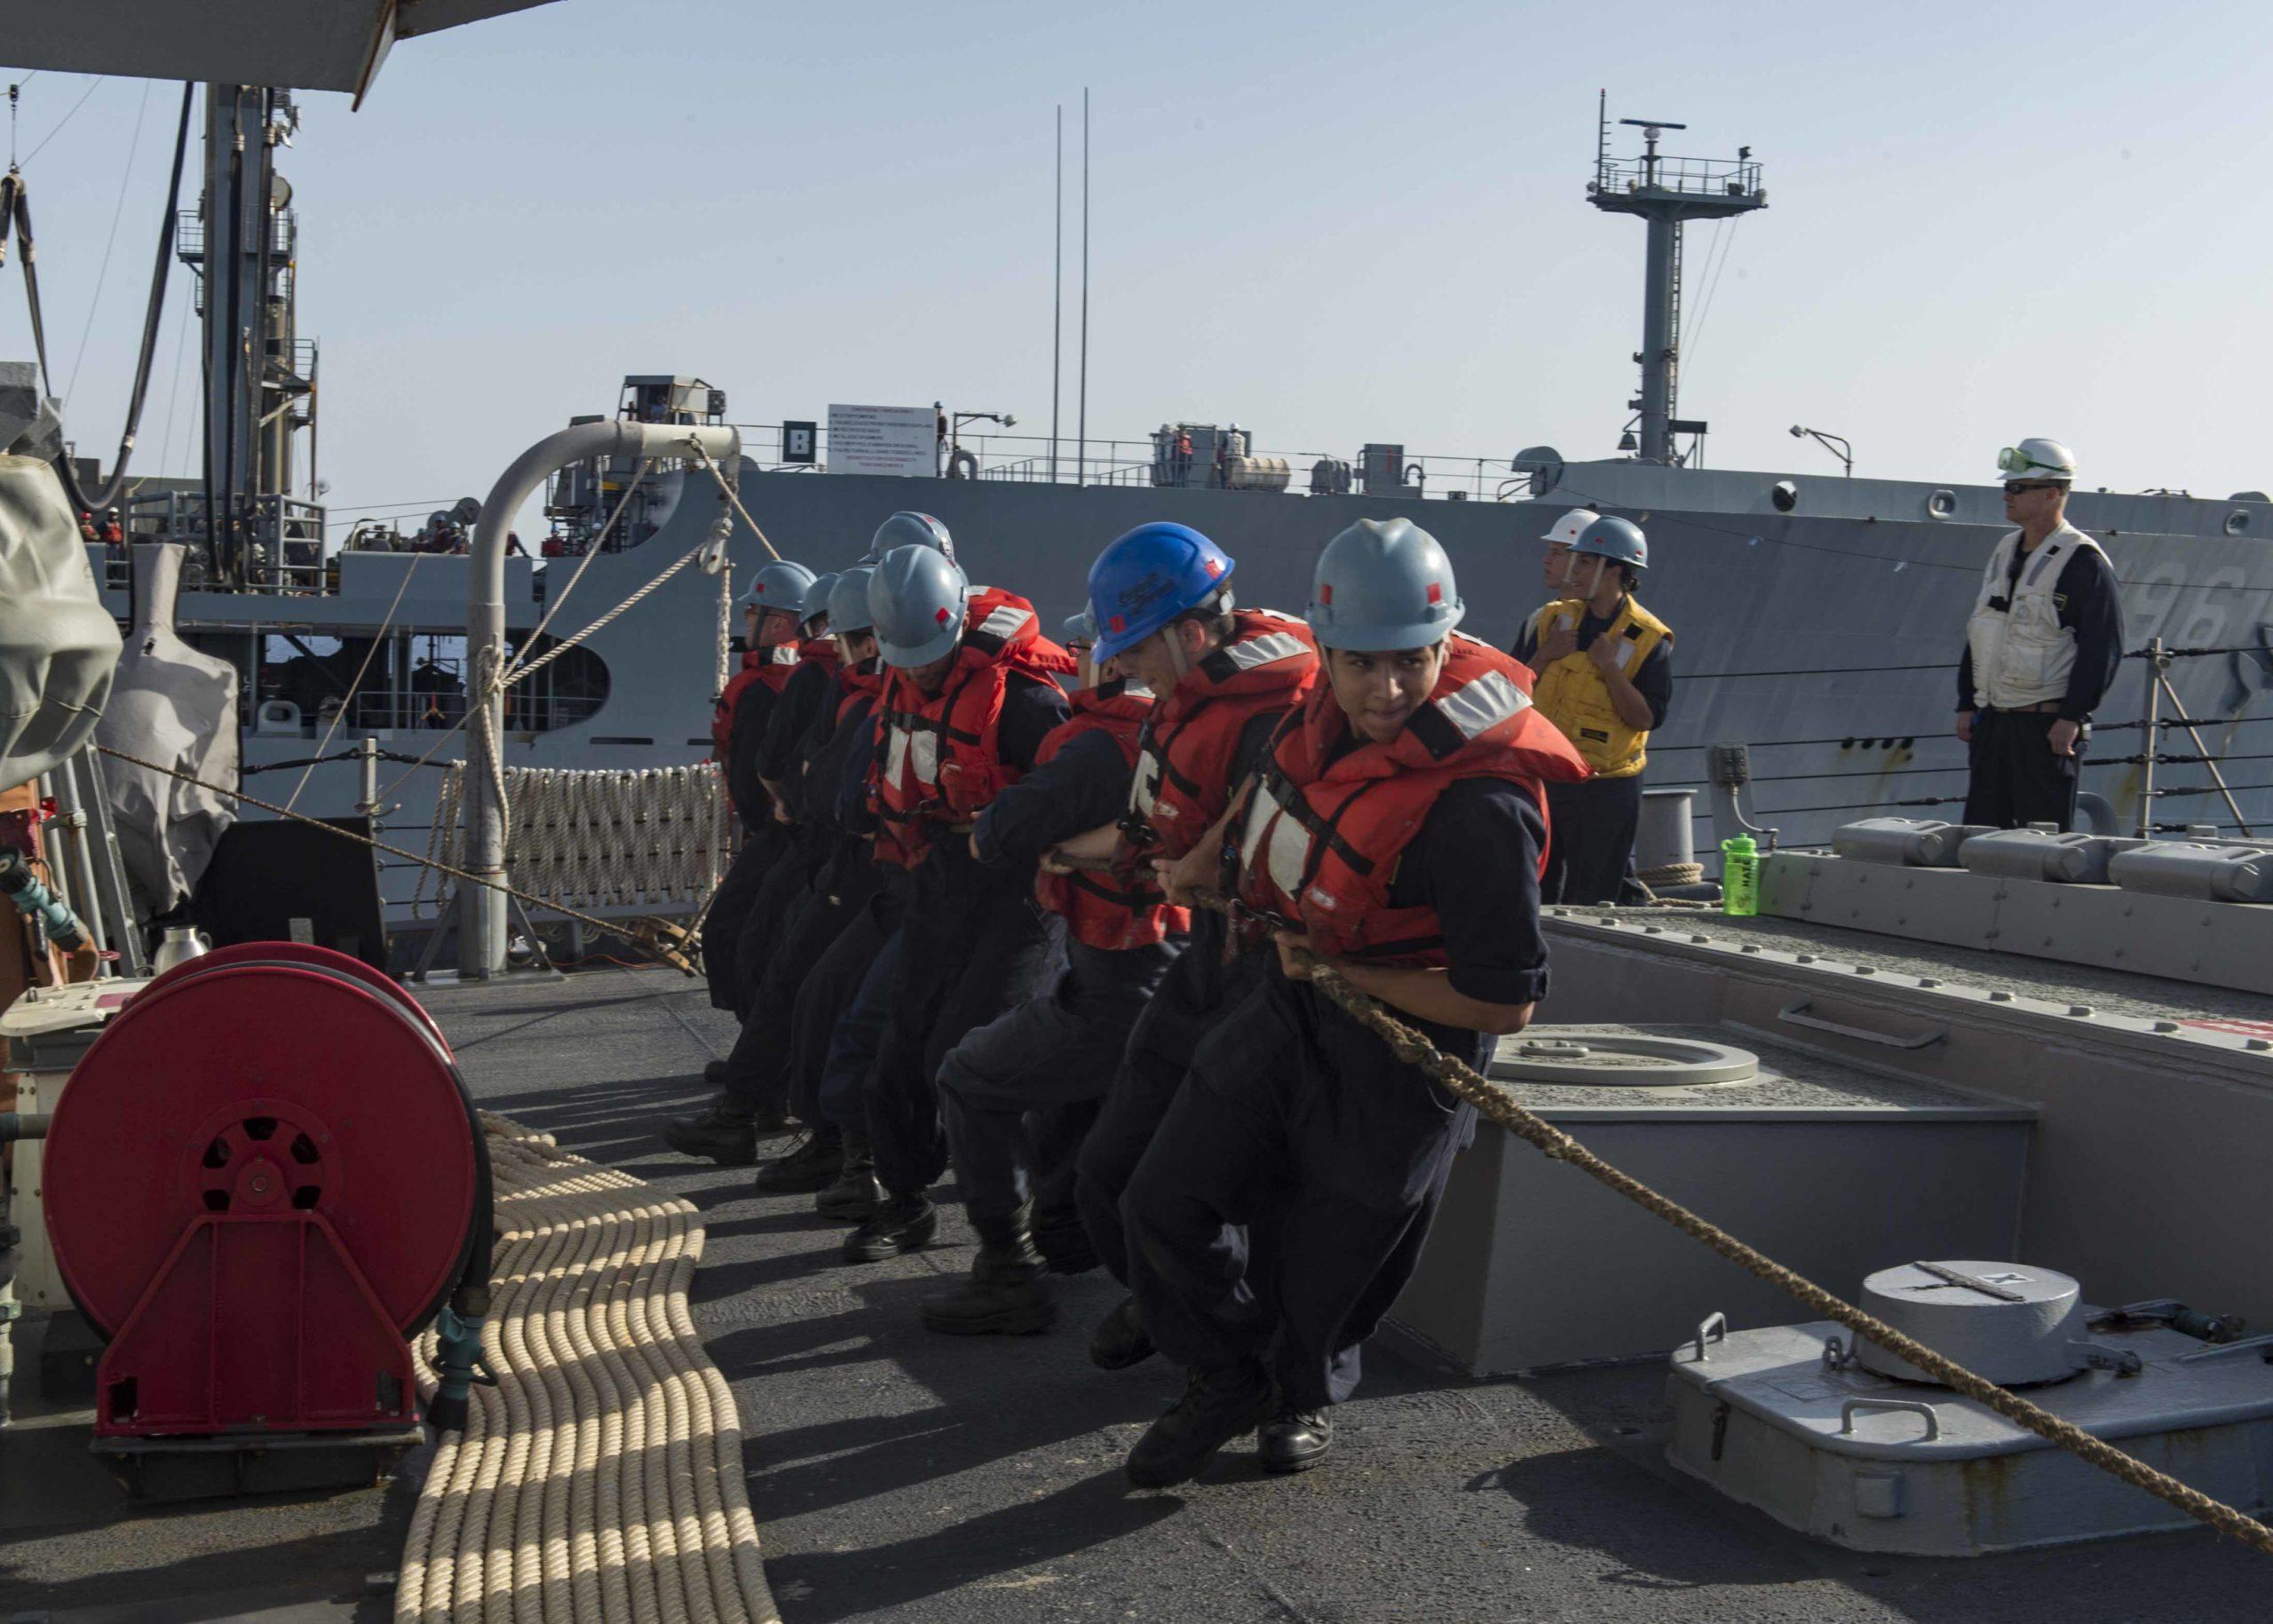 Navigazione: emergenza COVID-19, 100.000 marittimi devono poter tornare a casa